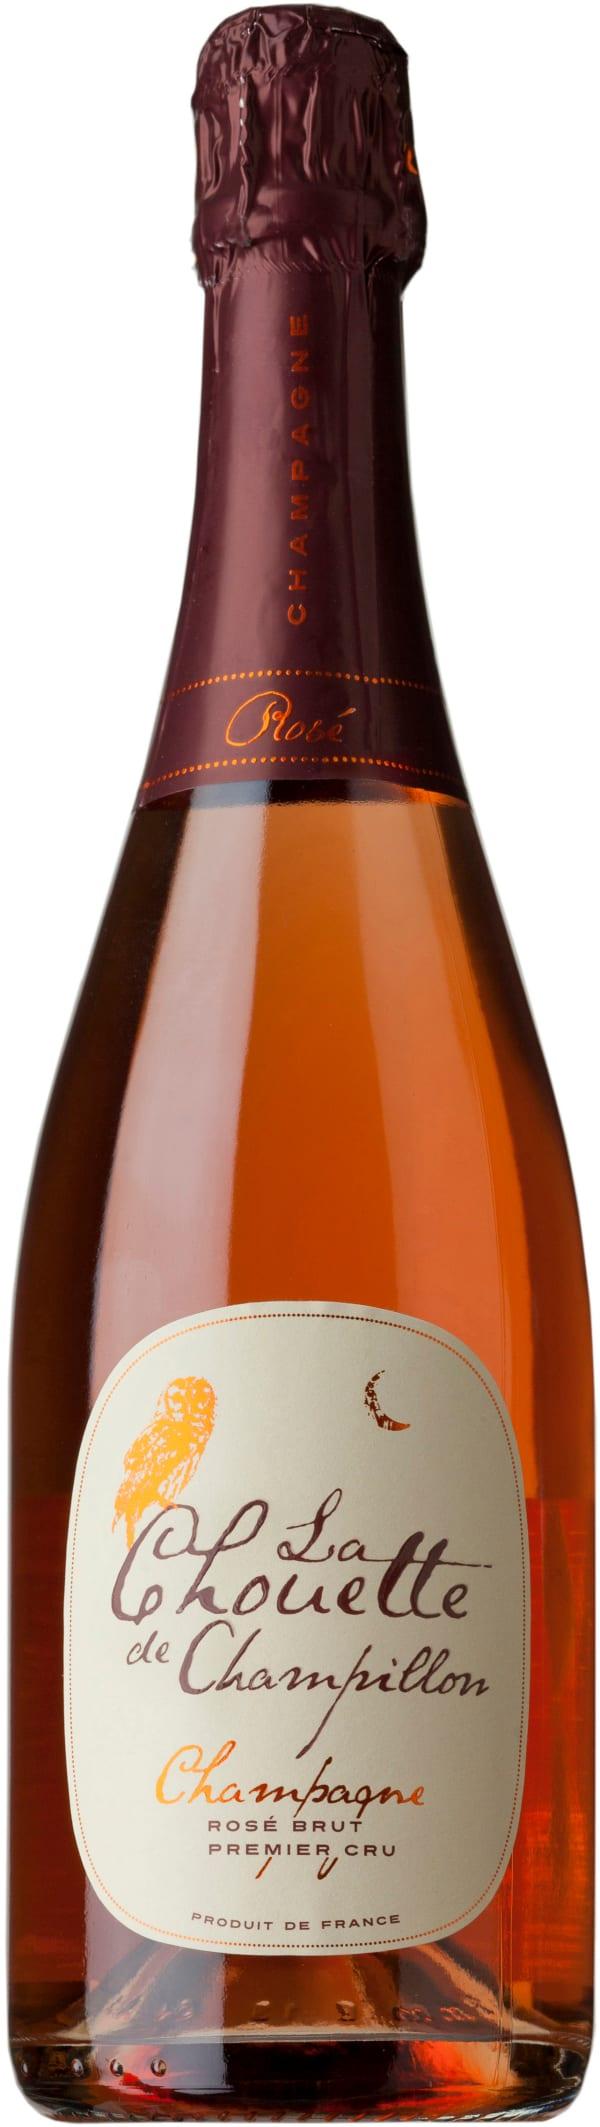 La Chouette de Champillon Premier Cru Rosé Champagne Brut